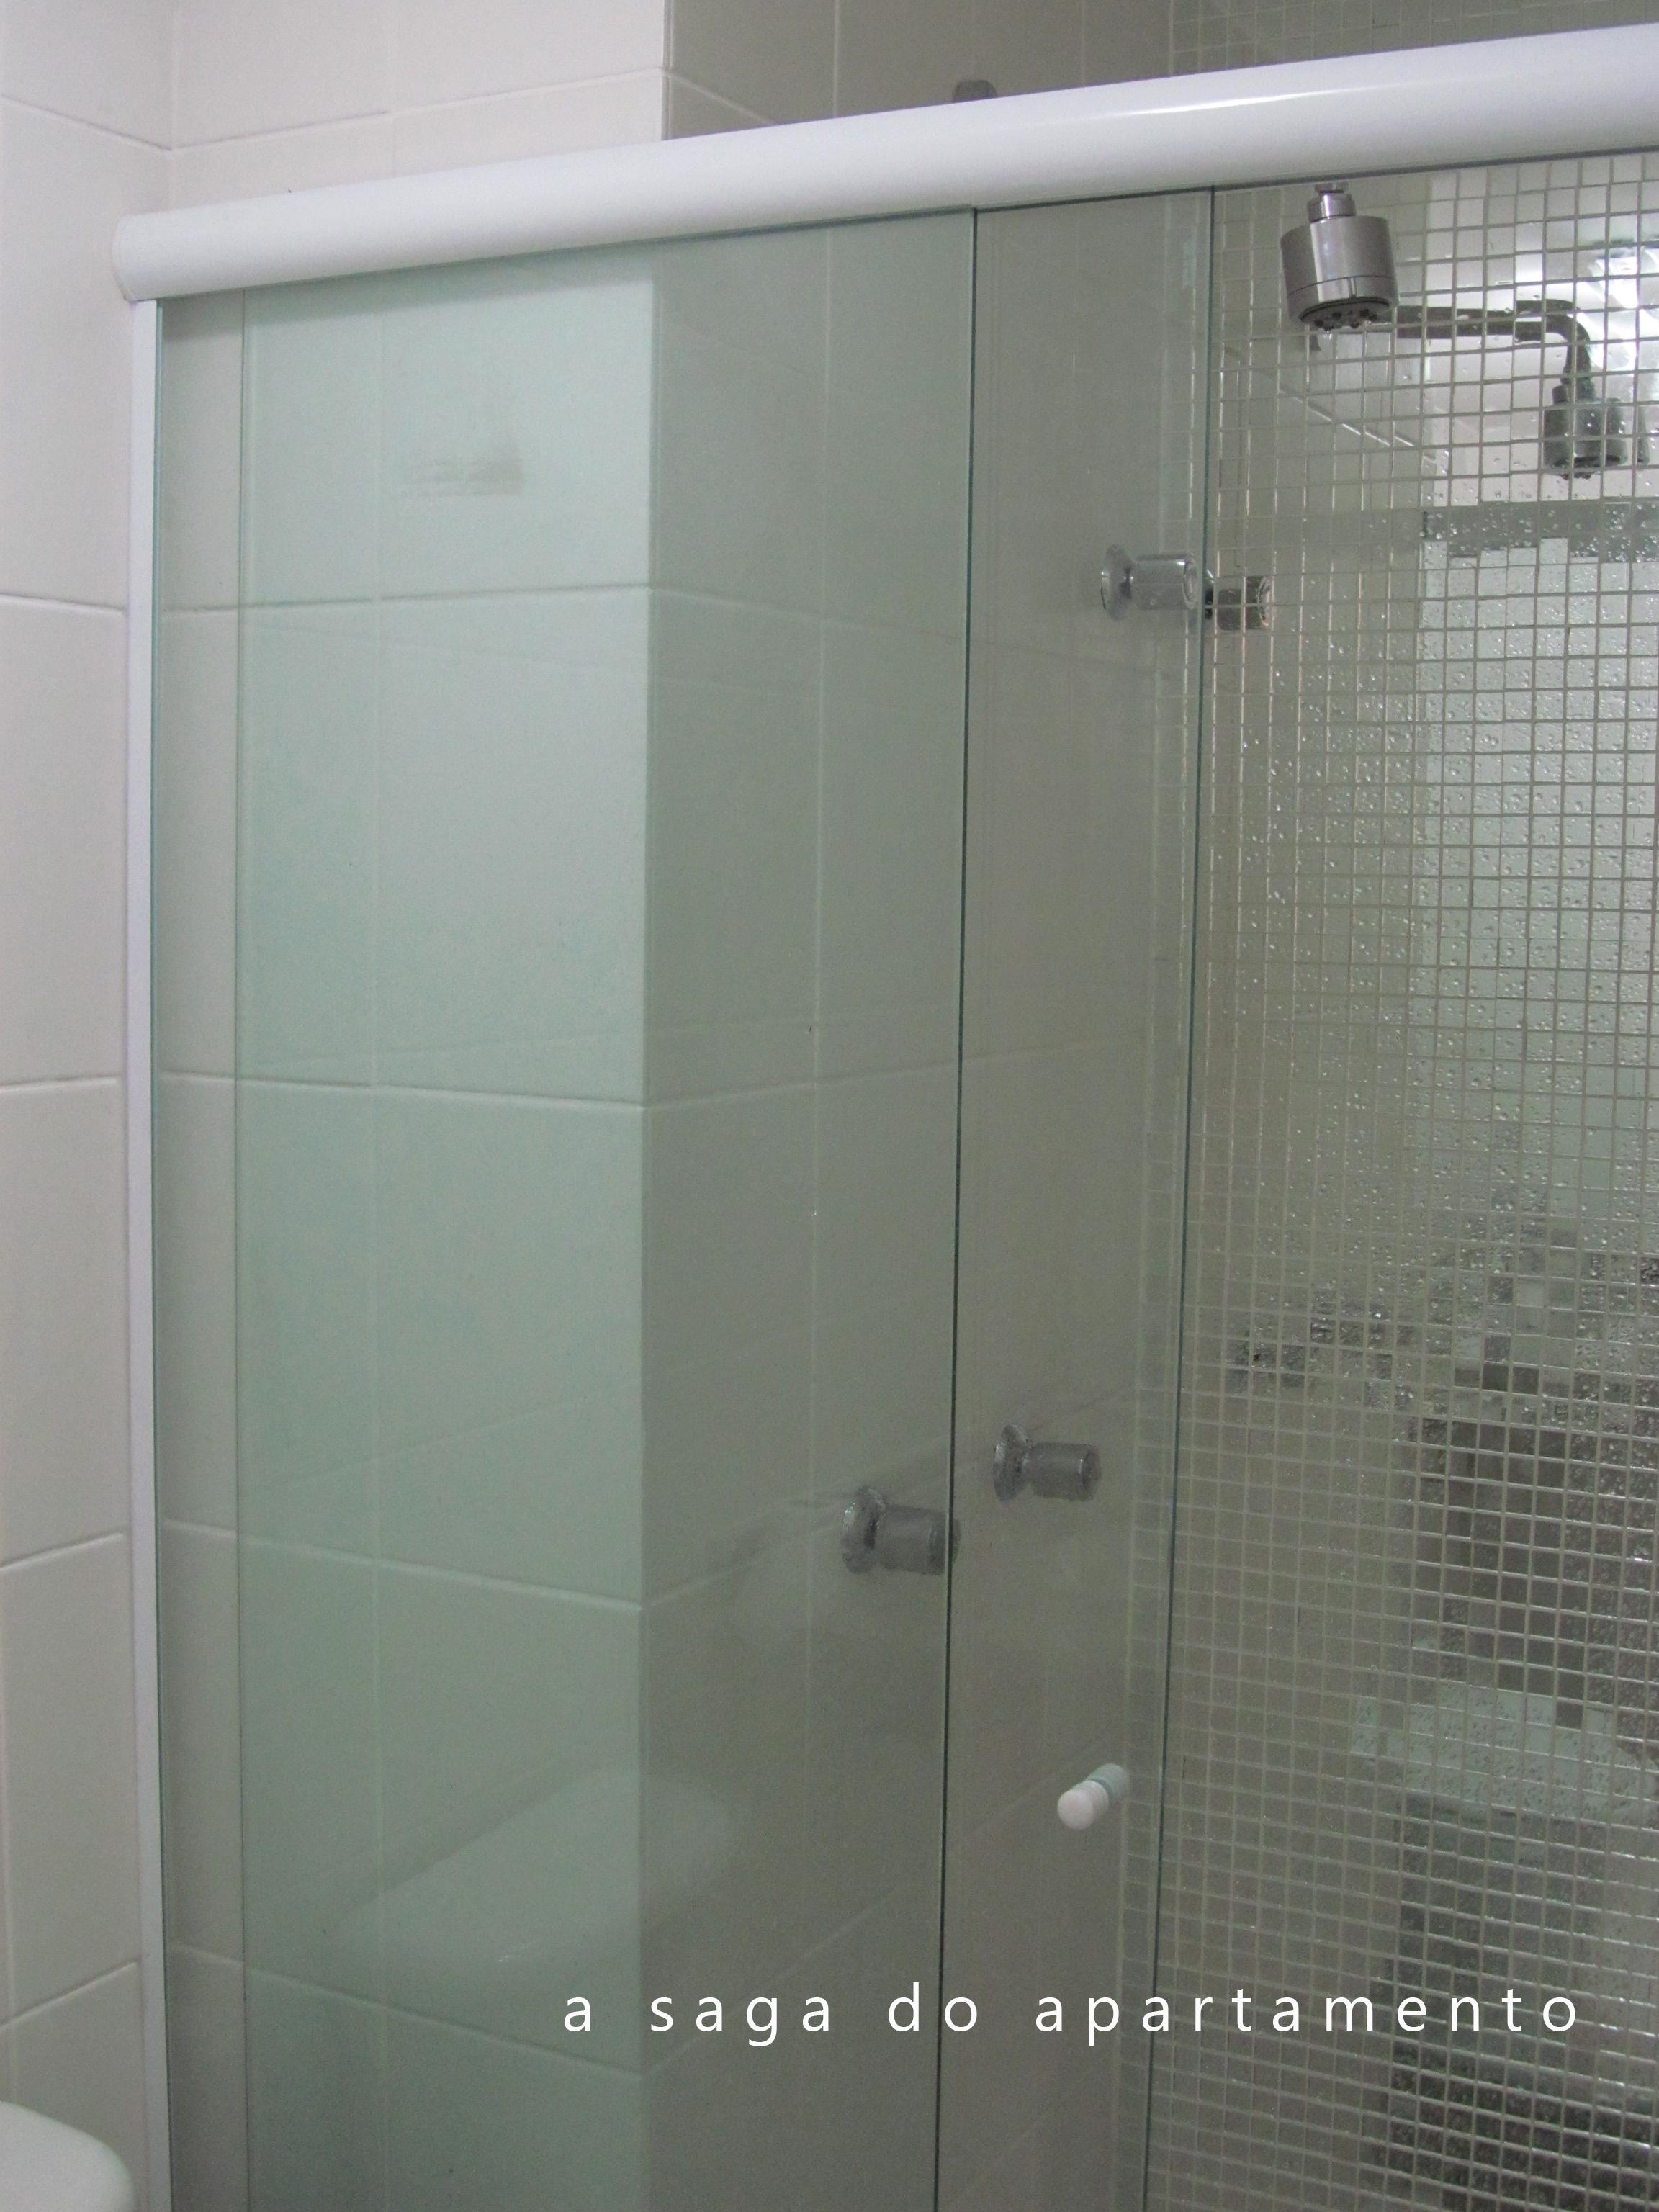 Imagens de #5F6C68 Vidro Blindex blindex vidro transparente porta de correr 2304x3072 px 3528 Blindex Banheiro Rj